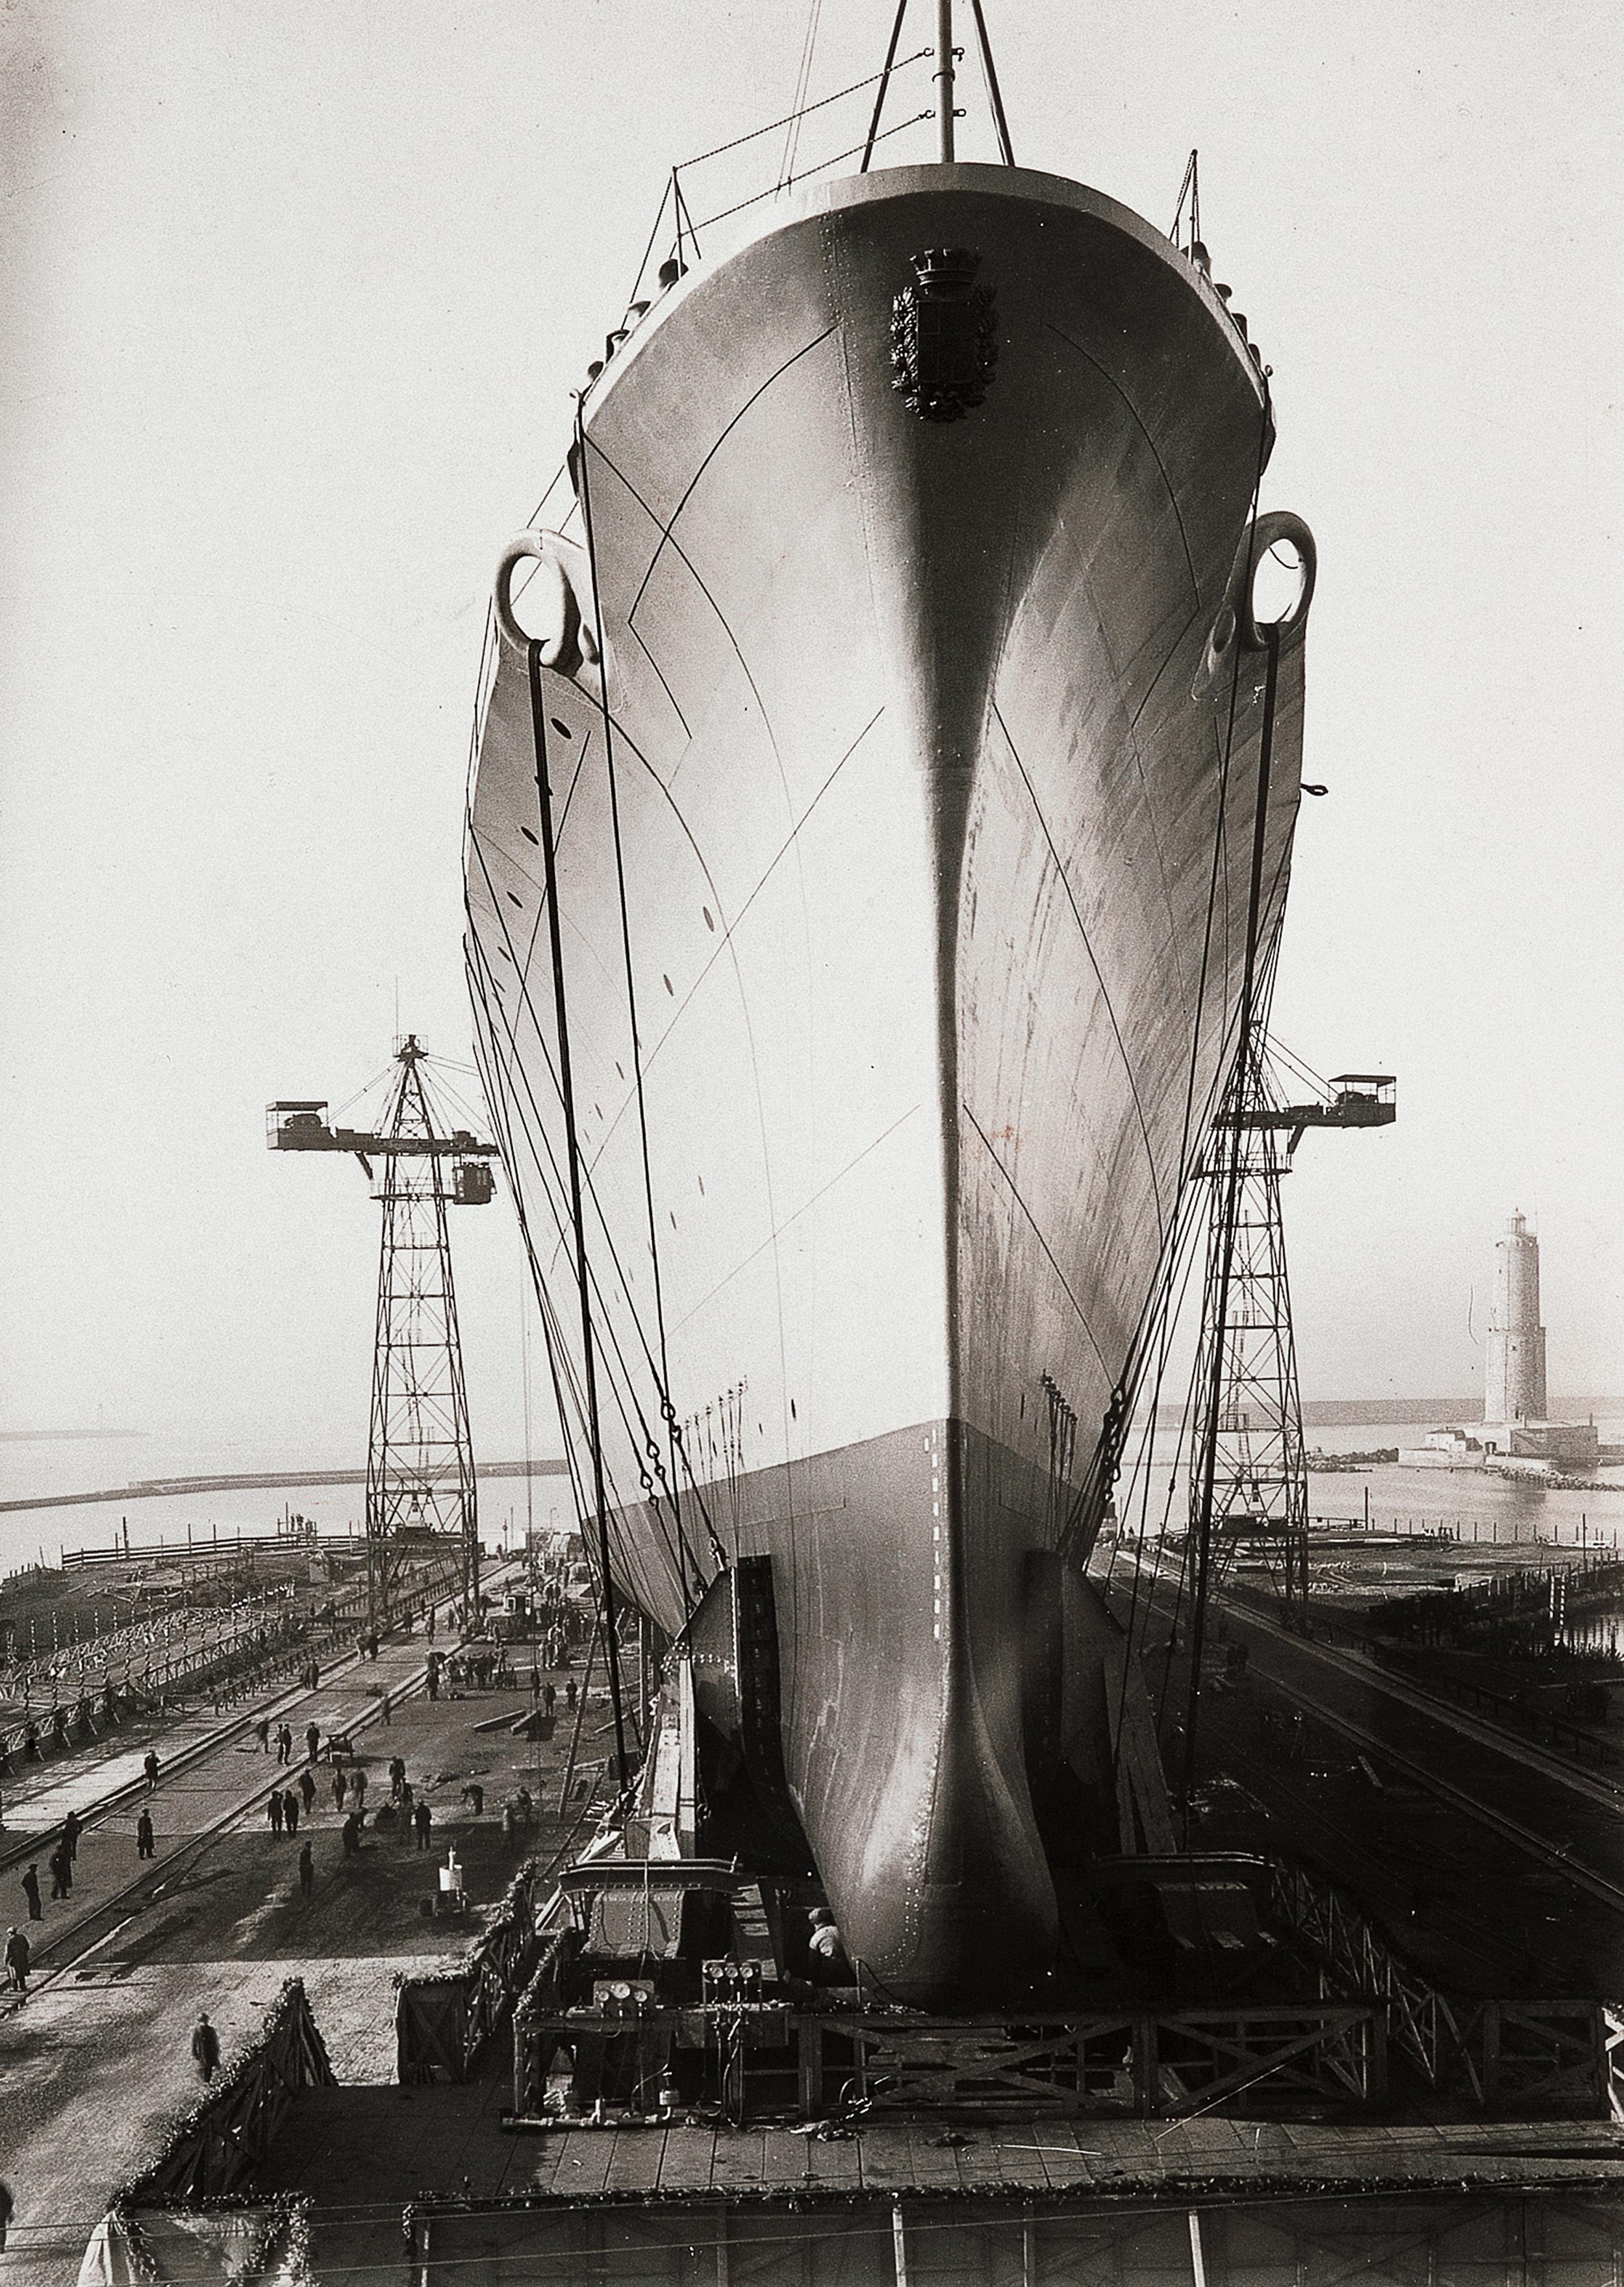 20Studio Betti Borra_Cantiere navale_Livorno_1945 ca_Raccolte Museali Fratelli Alinari RMFA-archivio Betti Borra_FirenzeJPG